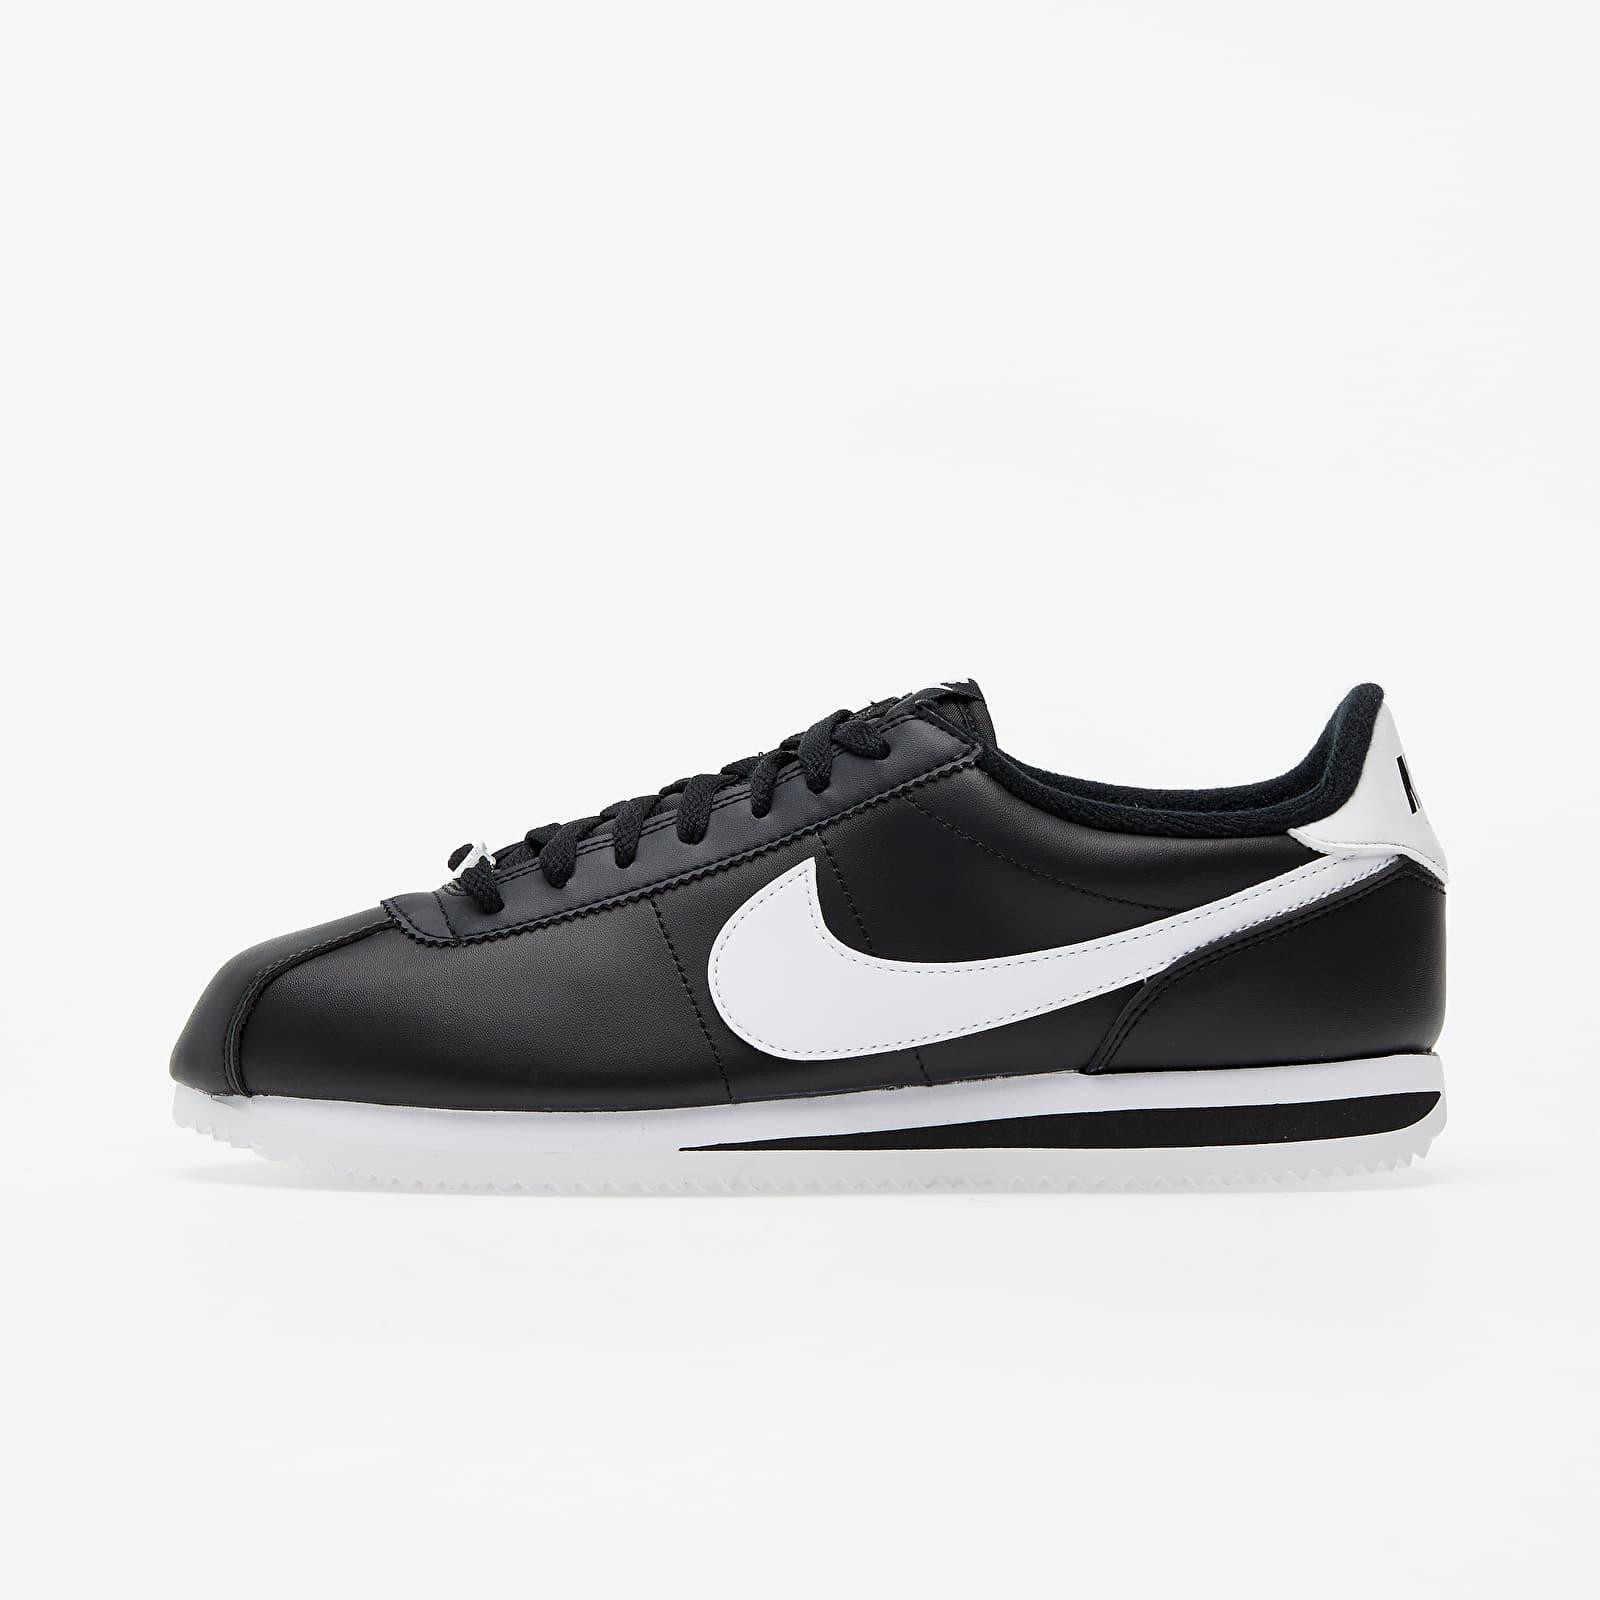 Nike Cortez Basic Leather Black/ White-Metallic Silver EUR 44